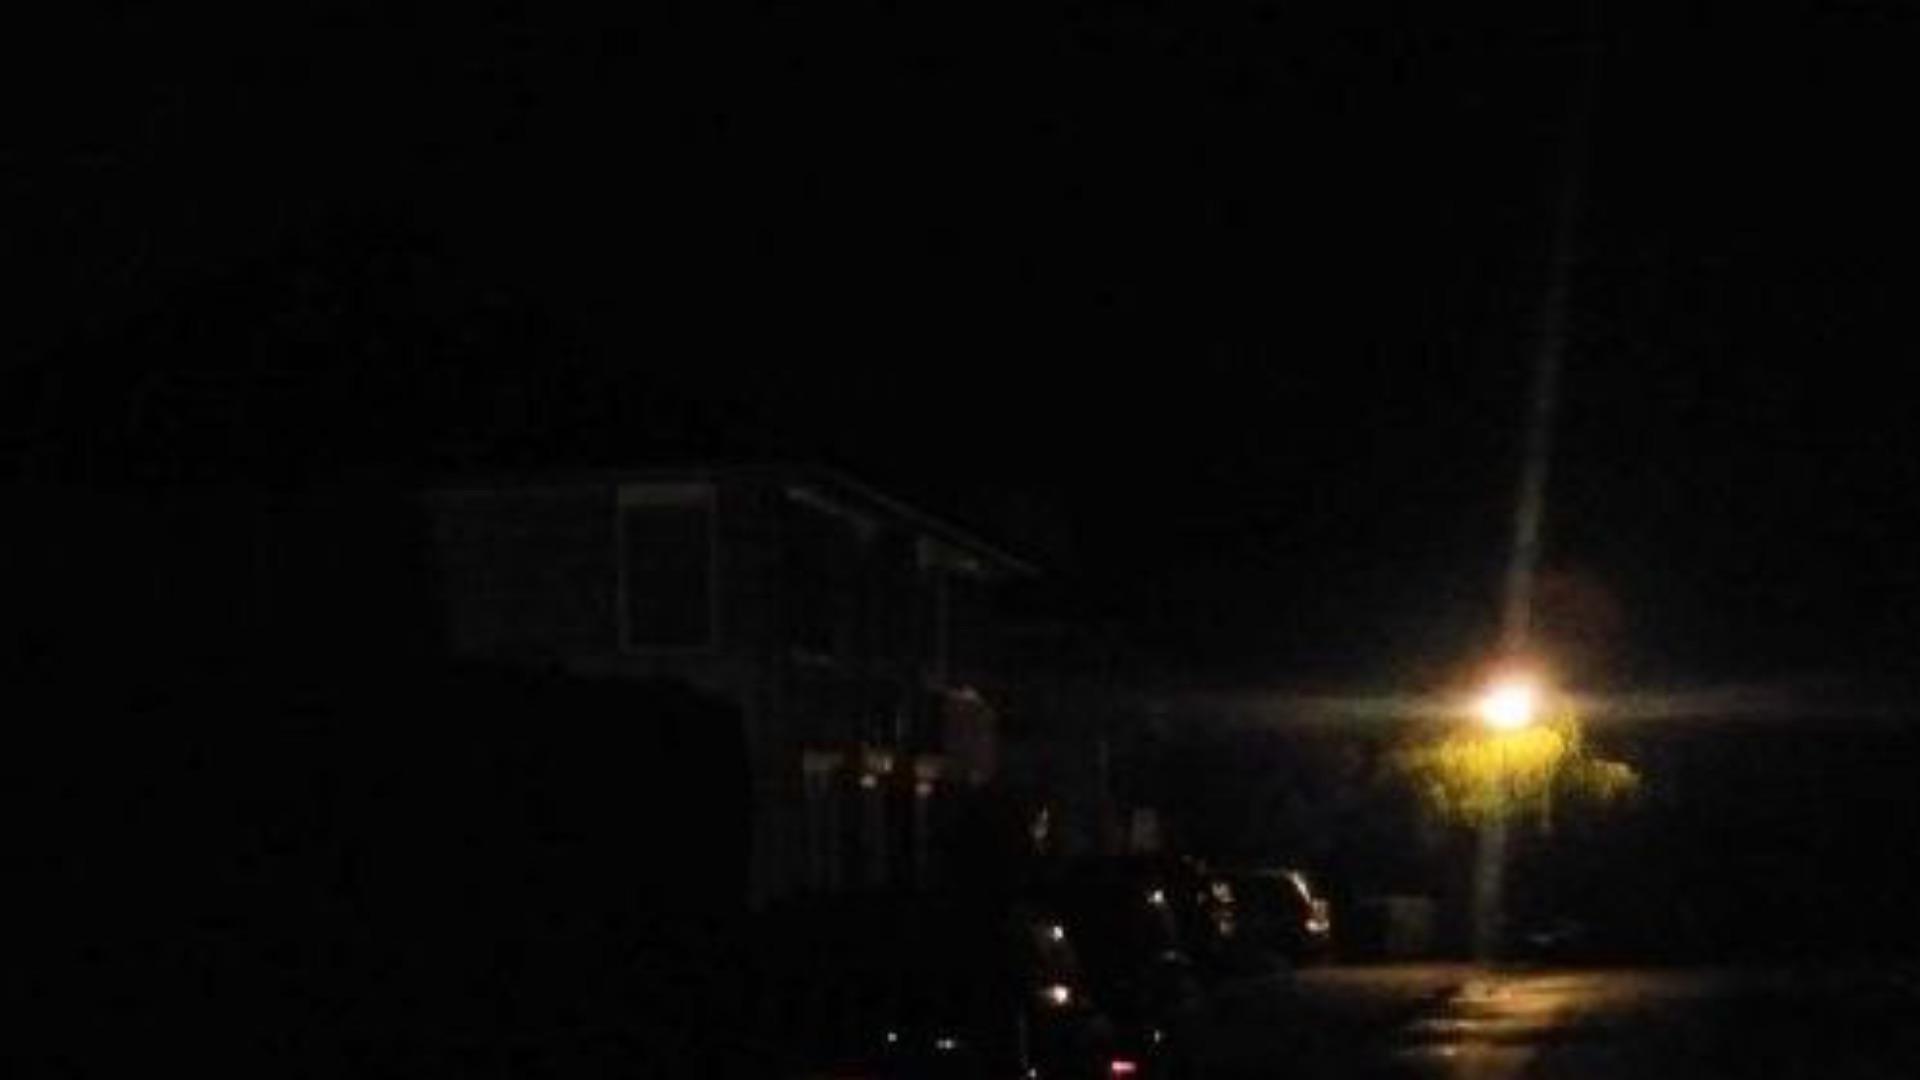 Rien Voets start petitie 'Duisternis in Deurne stoppen' vanwege weghalen lantaarnpalen - DMG Deurne